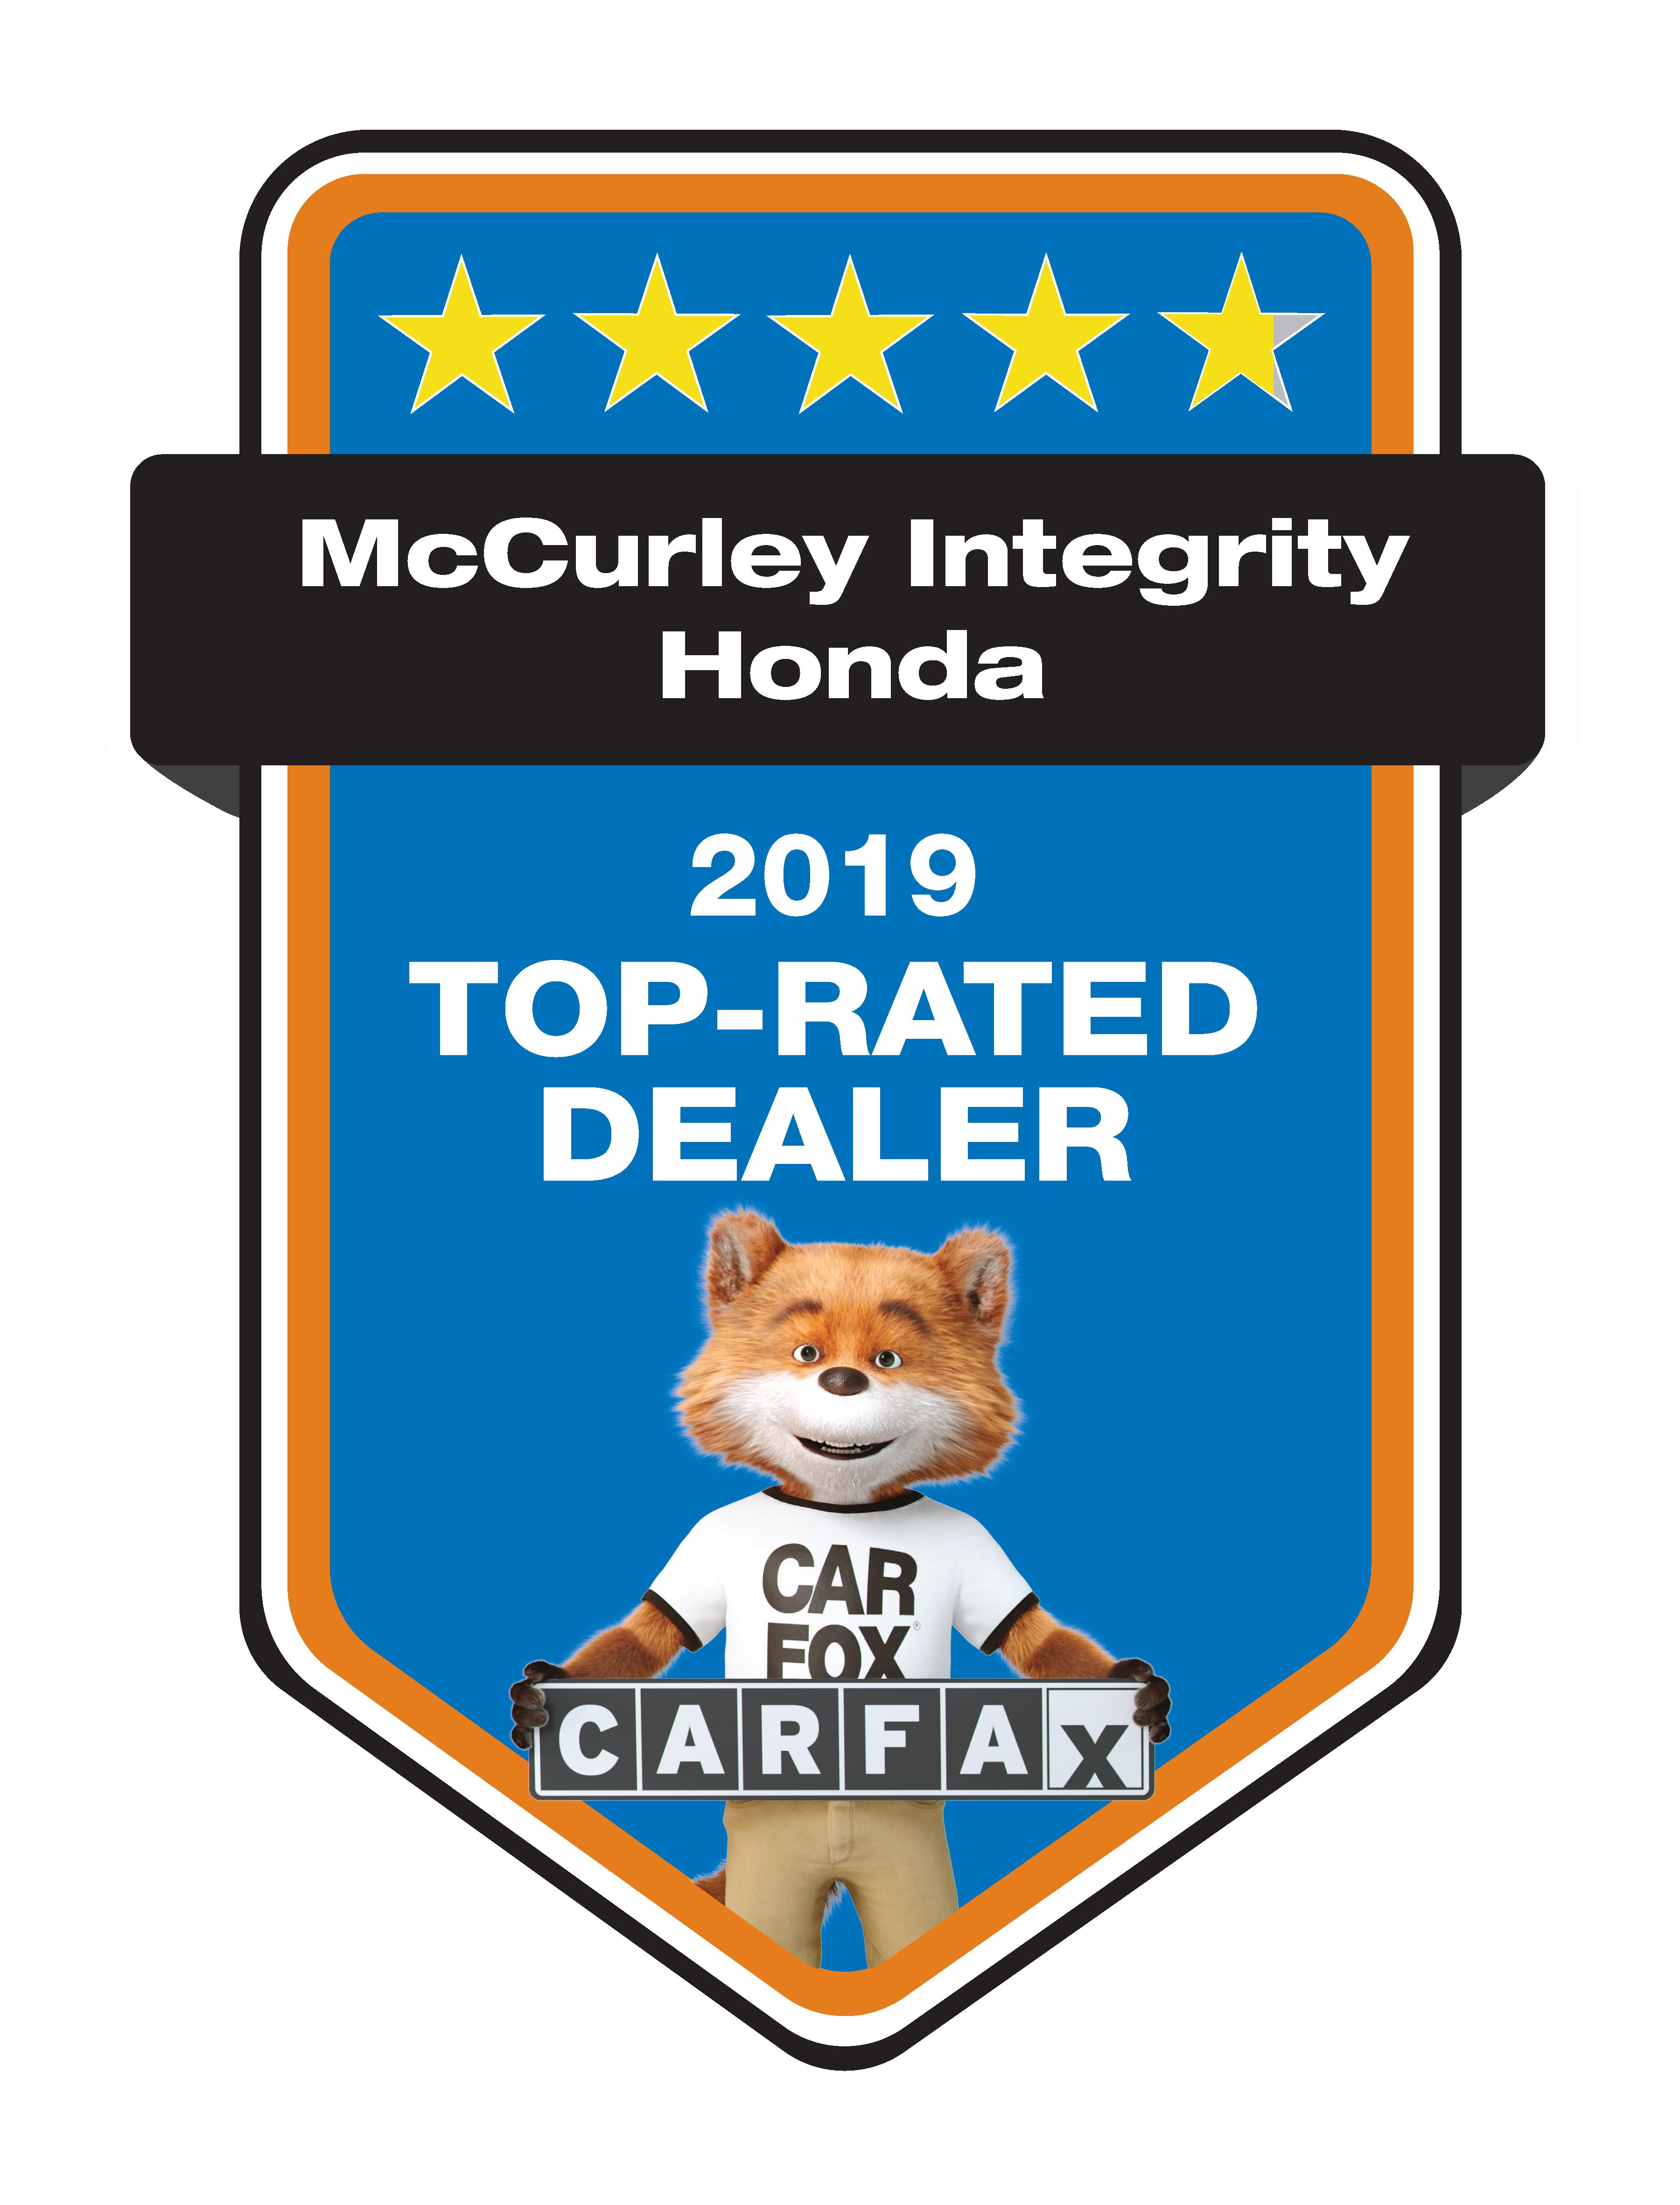 CarFax 2019 Top Rated Dear Award